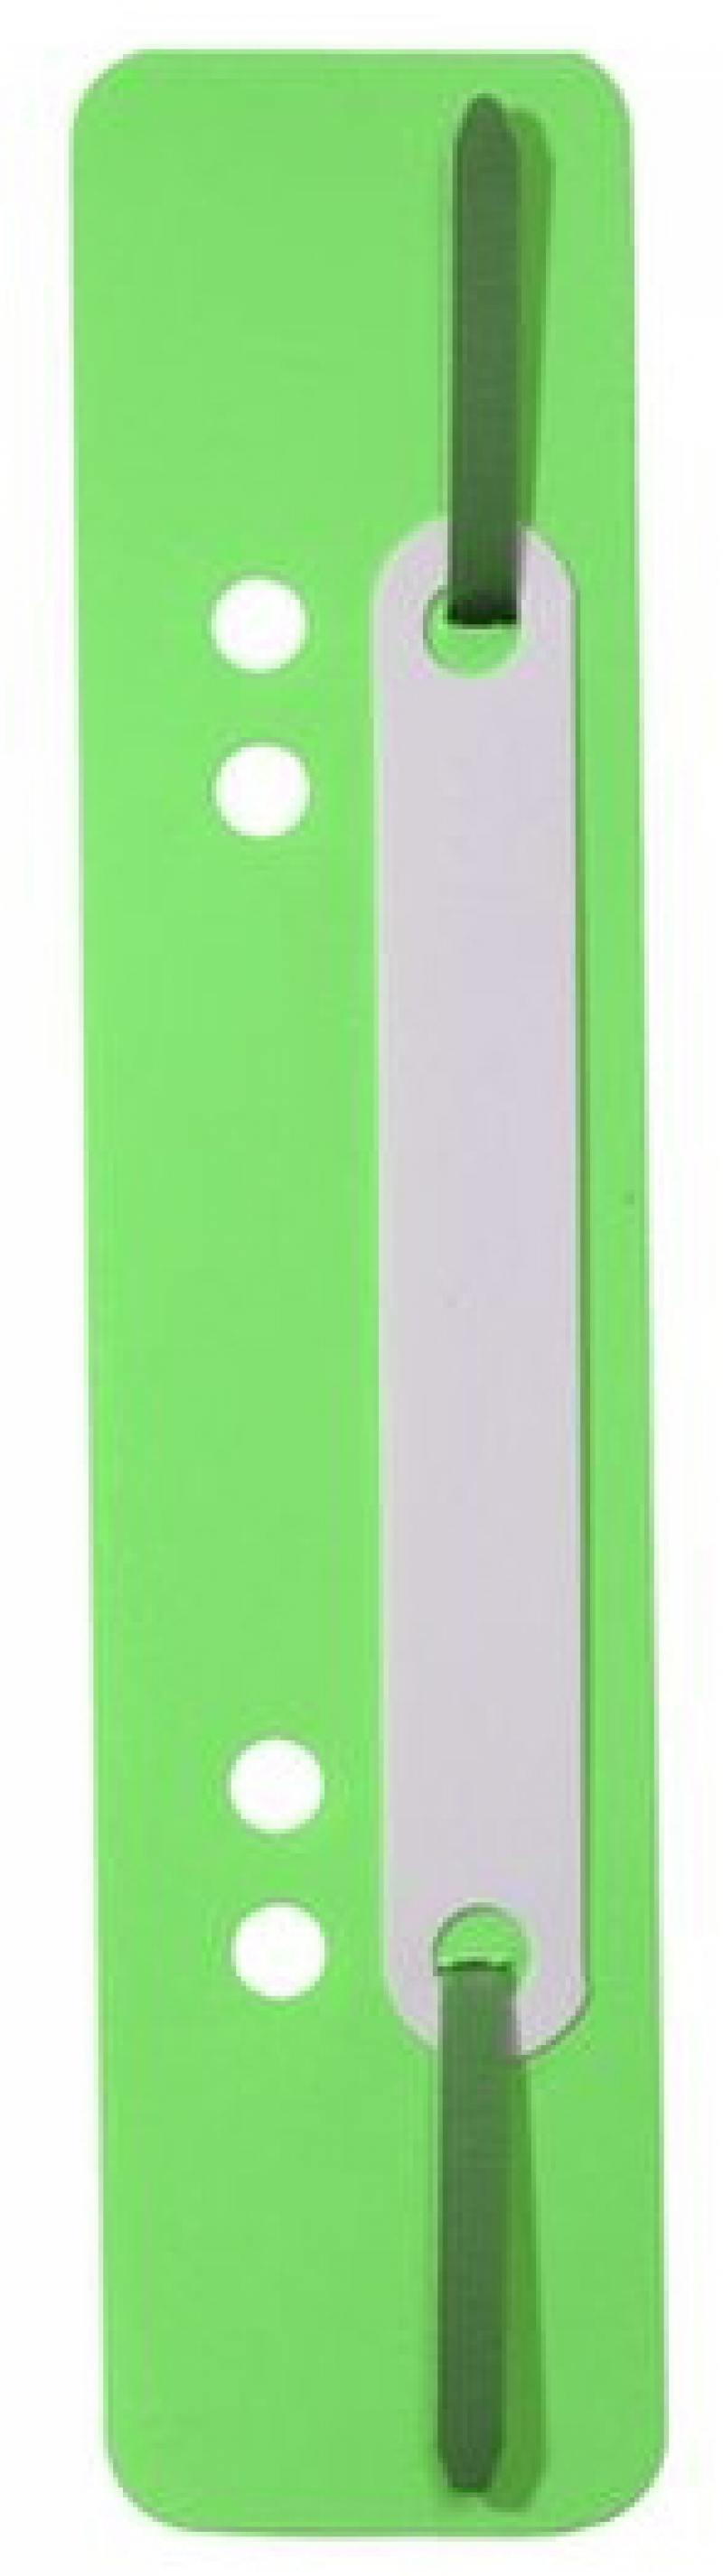 Скоросшиватель Durable вставка зеленый 250шт 690105 цена и фото